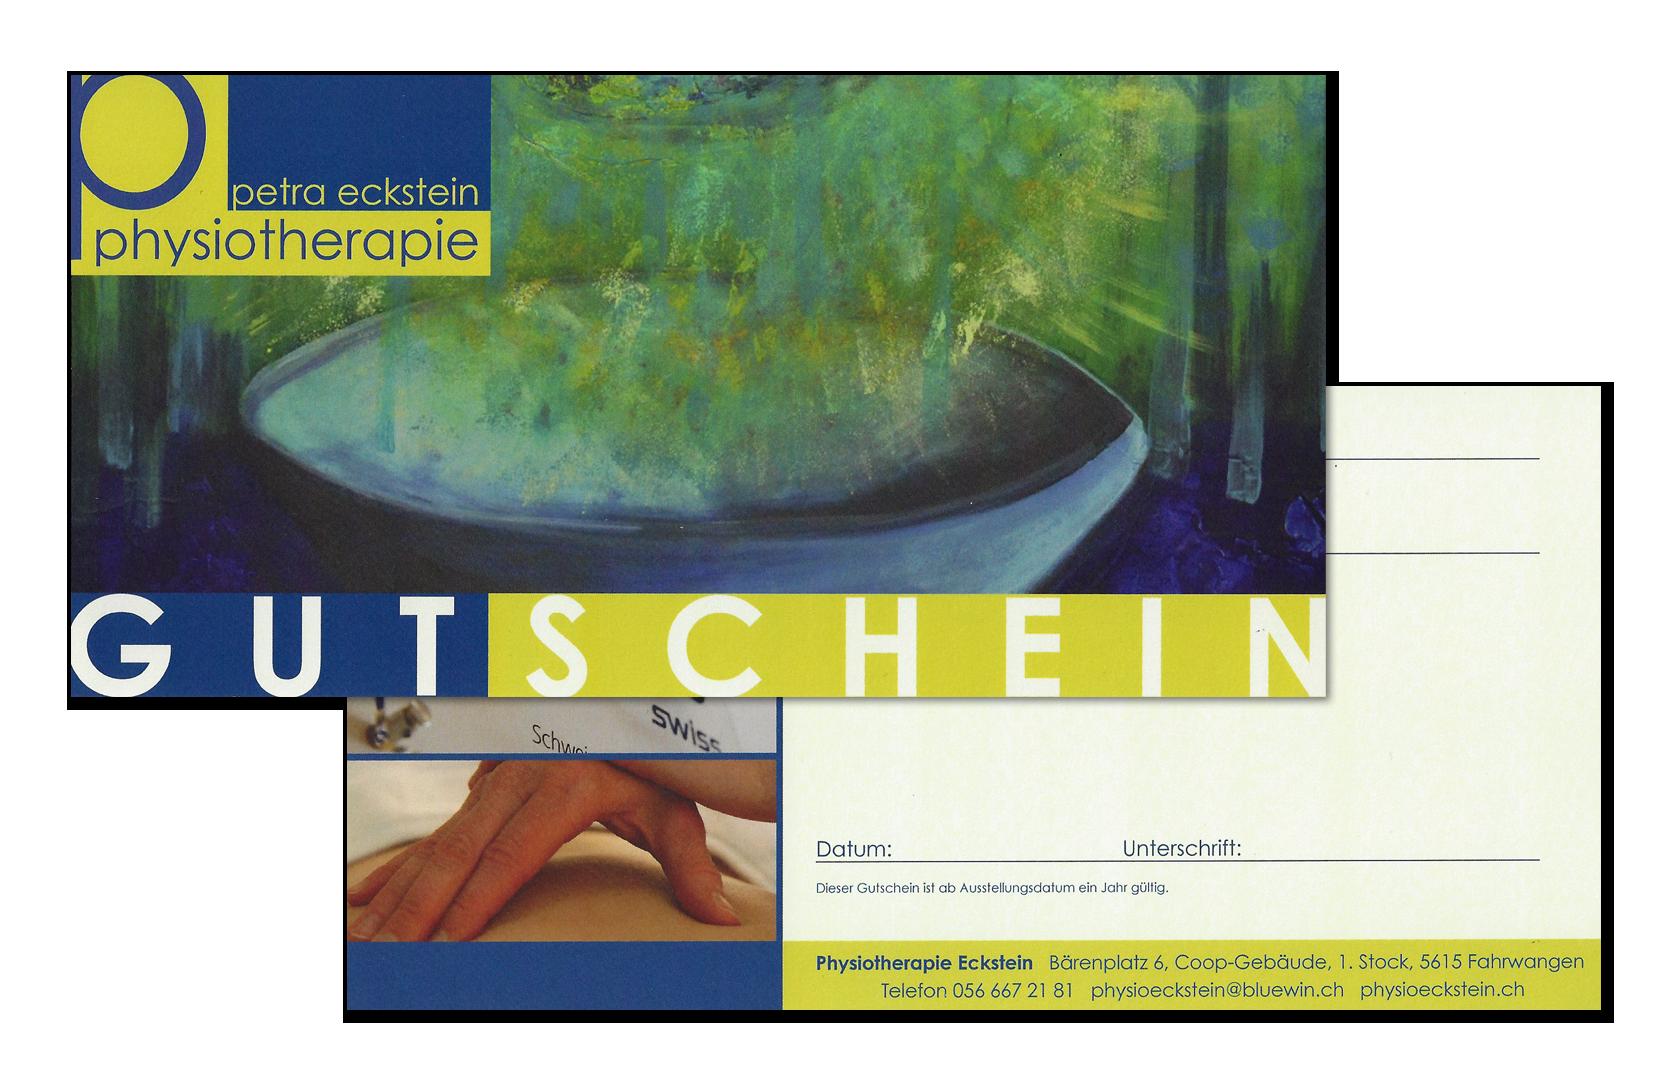 Gutschein Physiotherapie Petra Eckstein